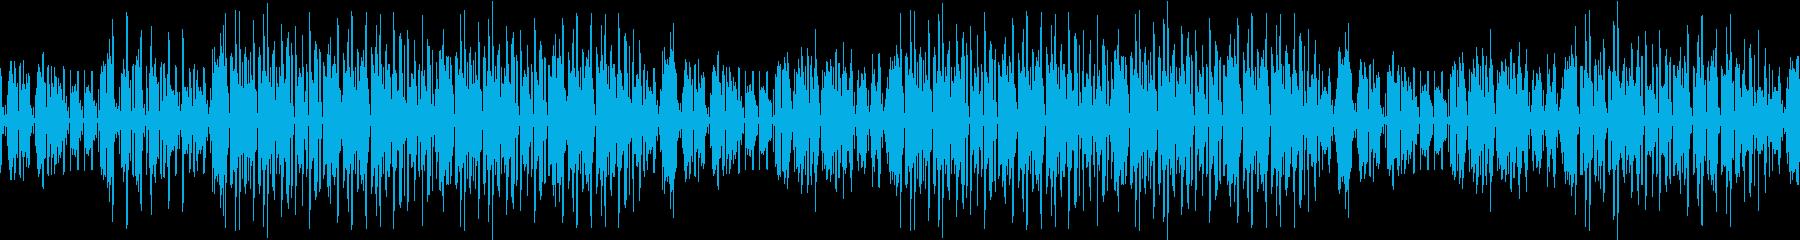 ギター・フェンク・お洒落・ヒップホップの再生済みの波形